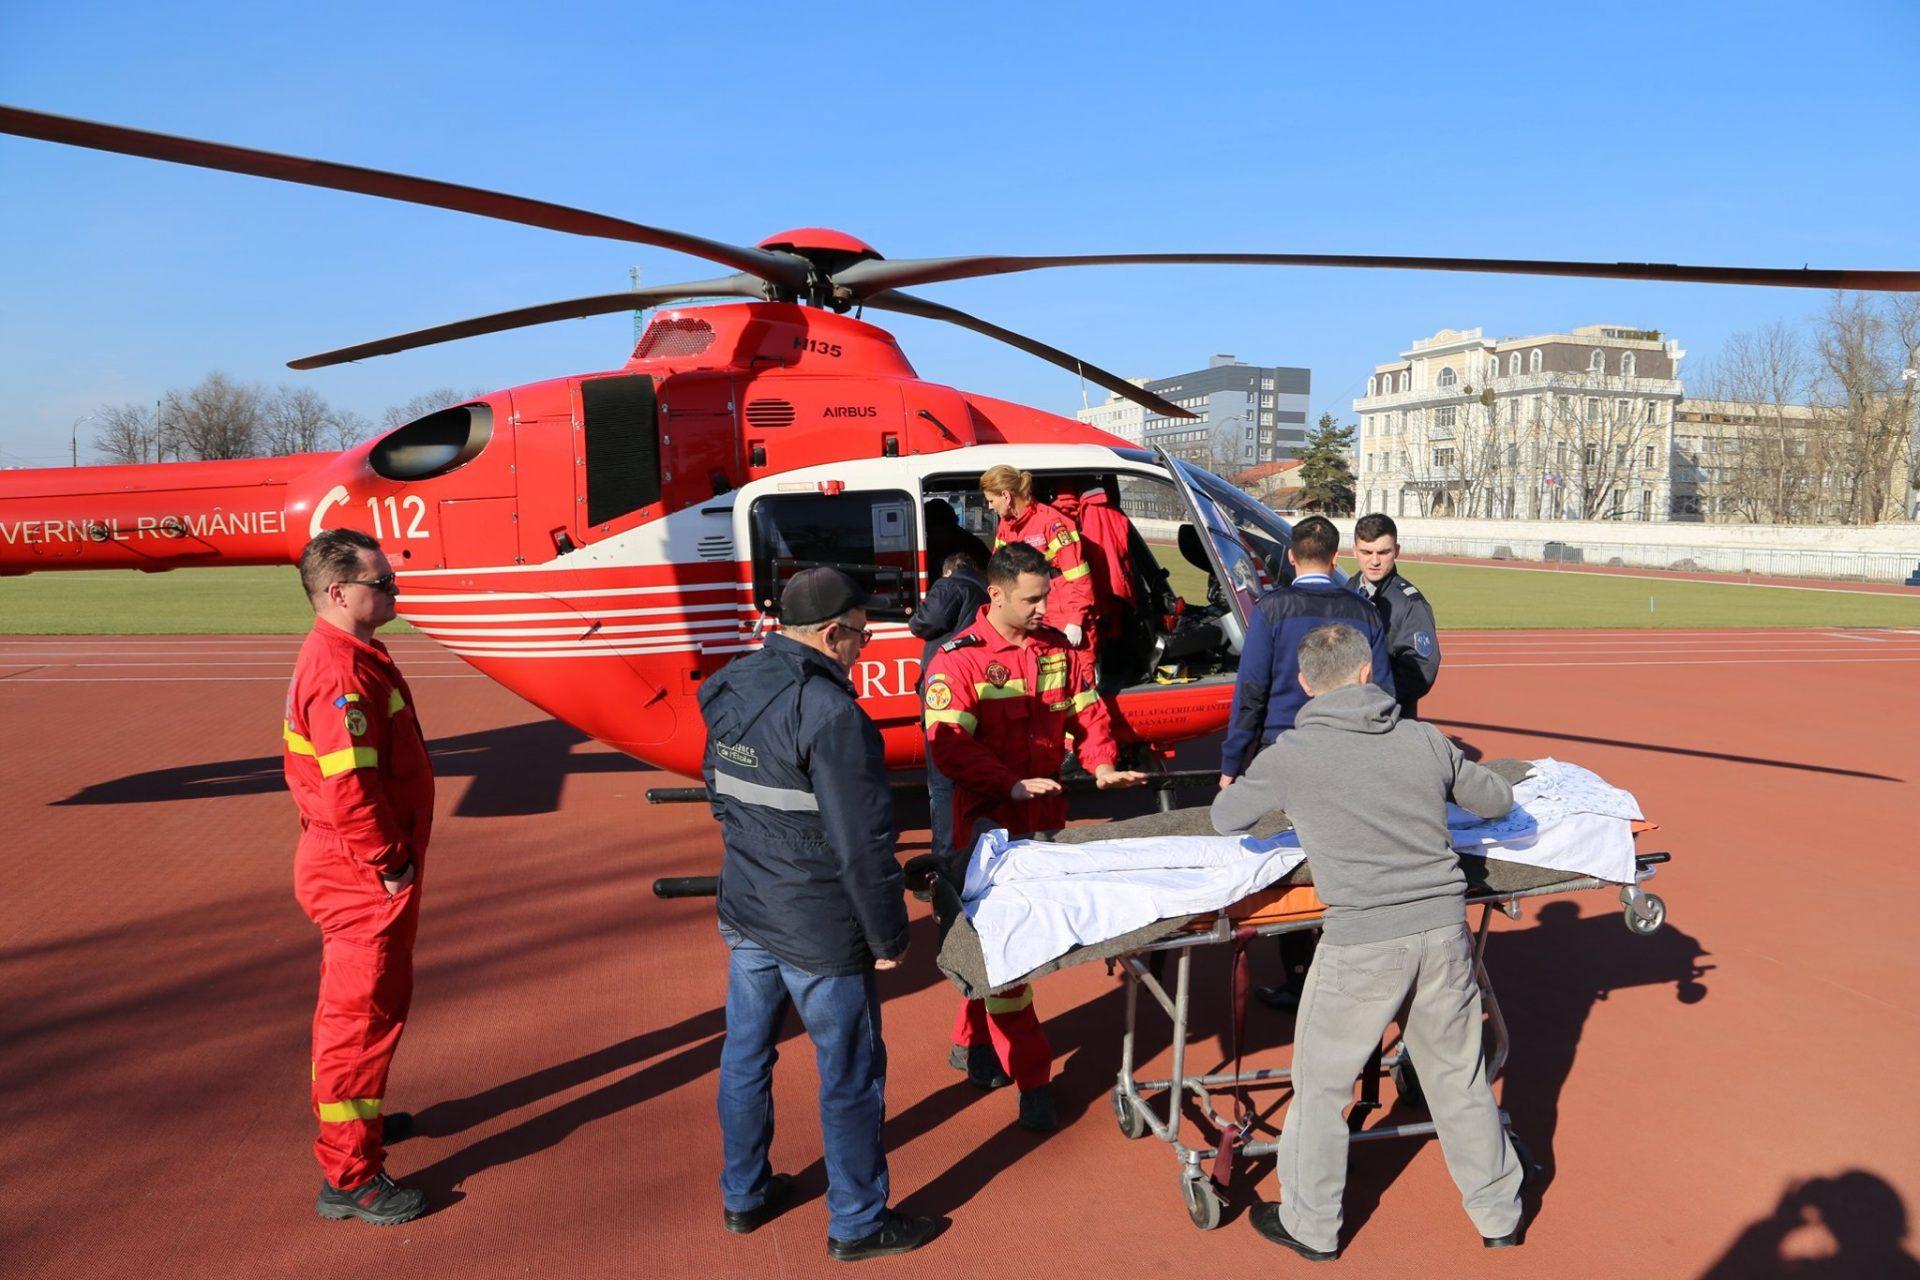 FOTO | Intervenție cu elicopterul la Bălți. Tânără de 20 de ani, transportată de urgență în capitală